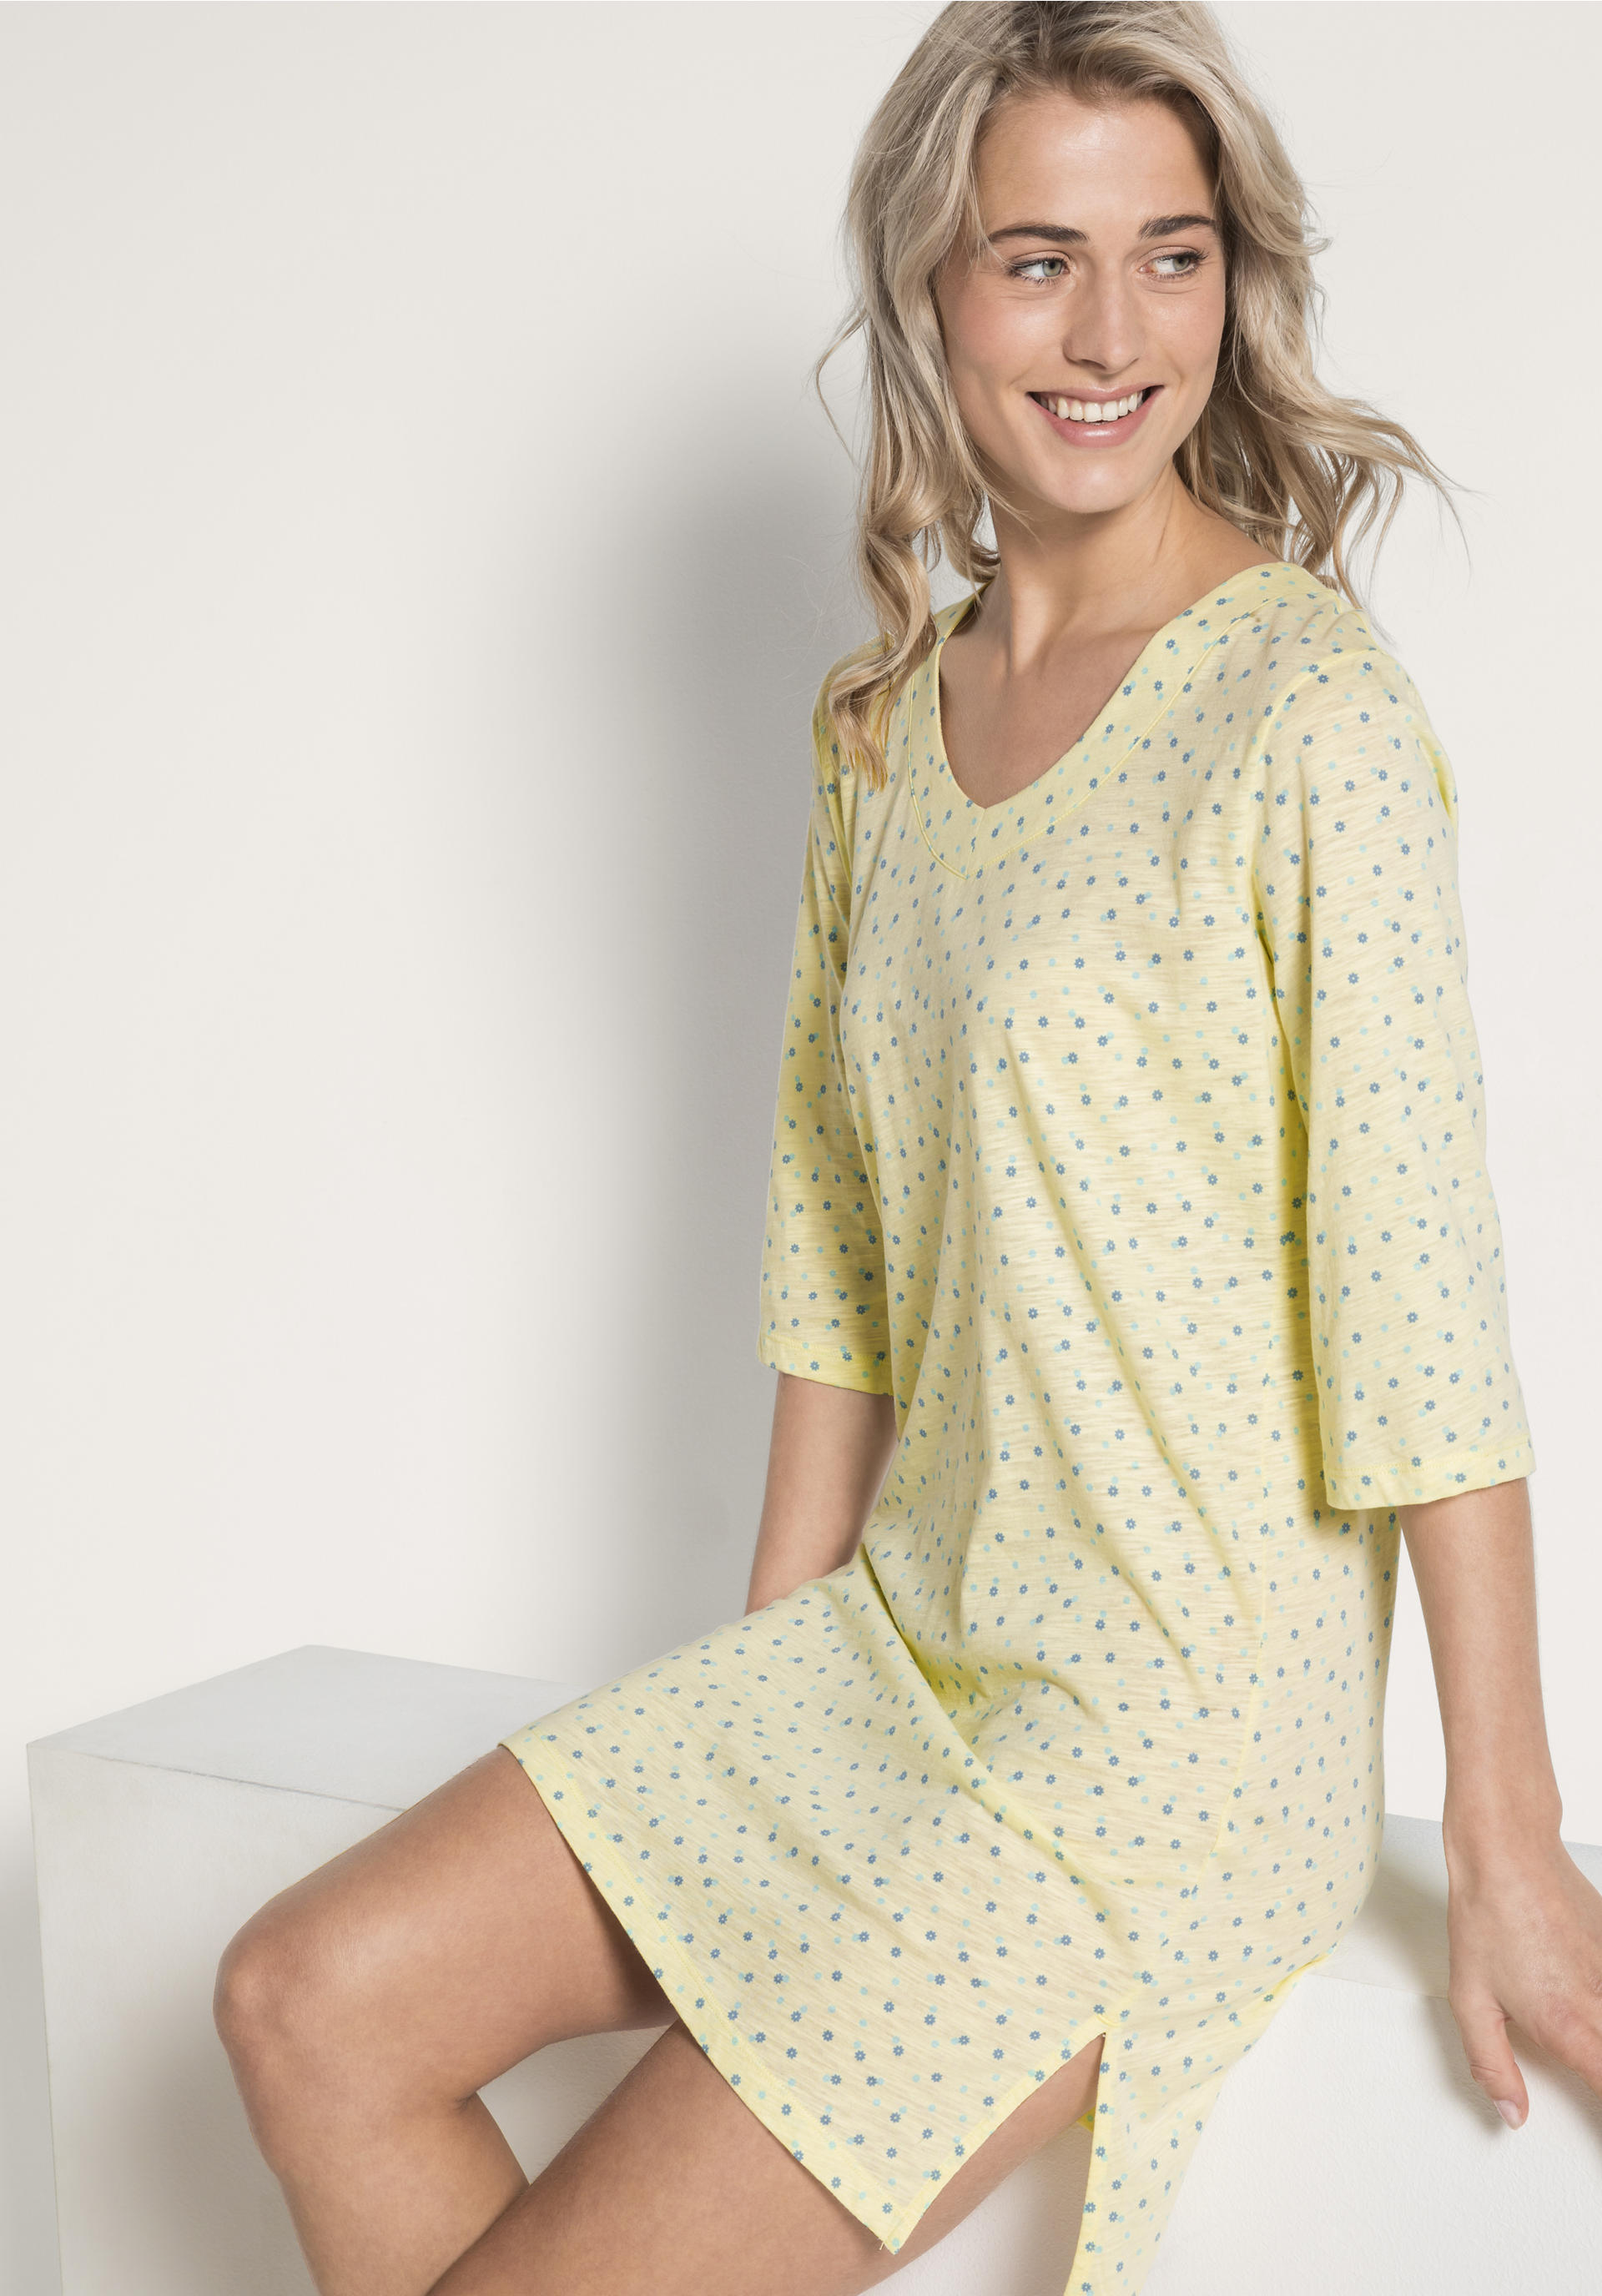 newest b9db1 66c05 Damen Nachthemd aus reiner Bio-Baumwolle von hessnatur